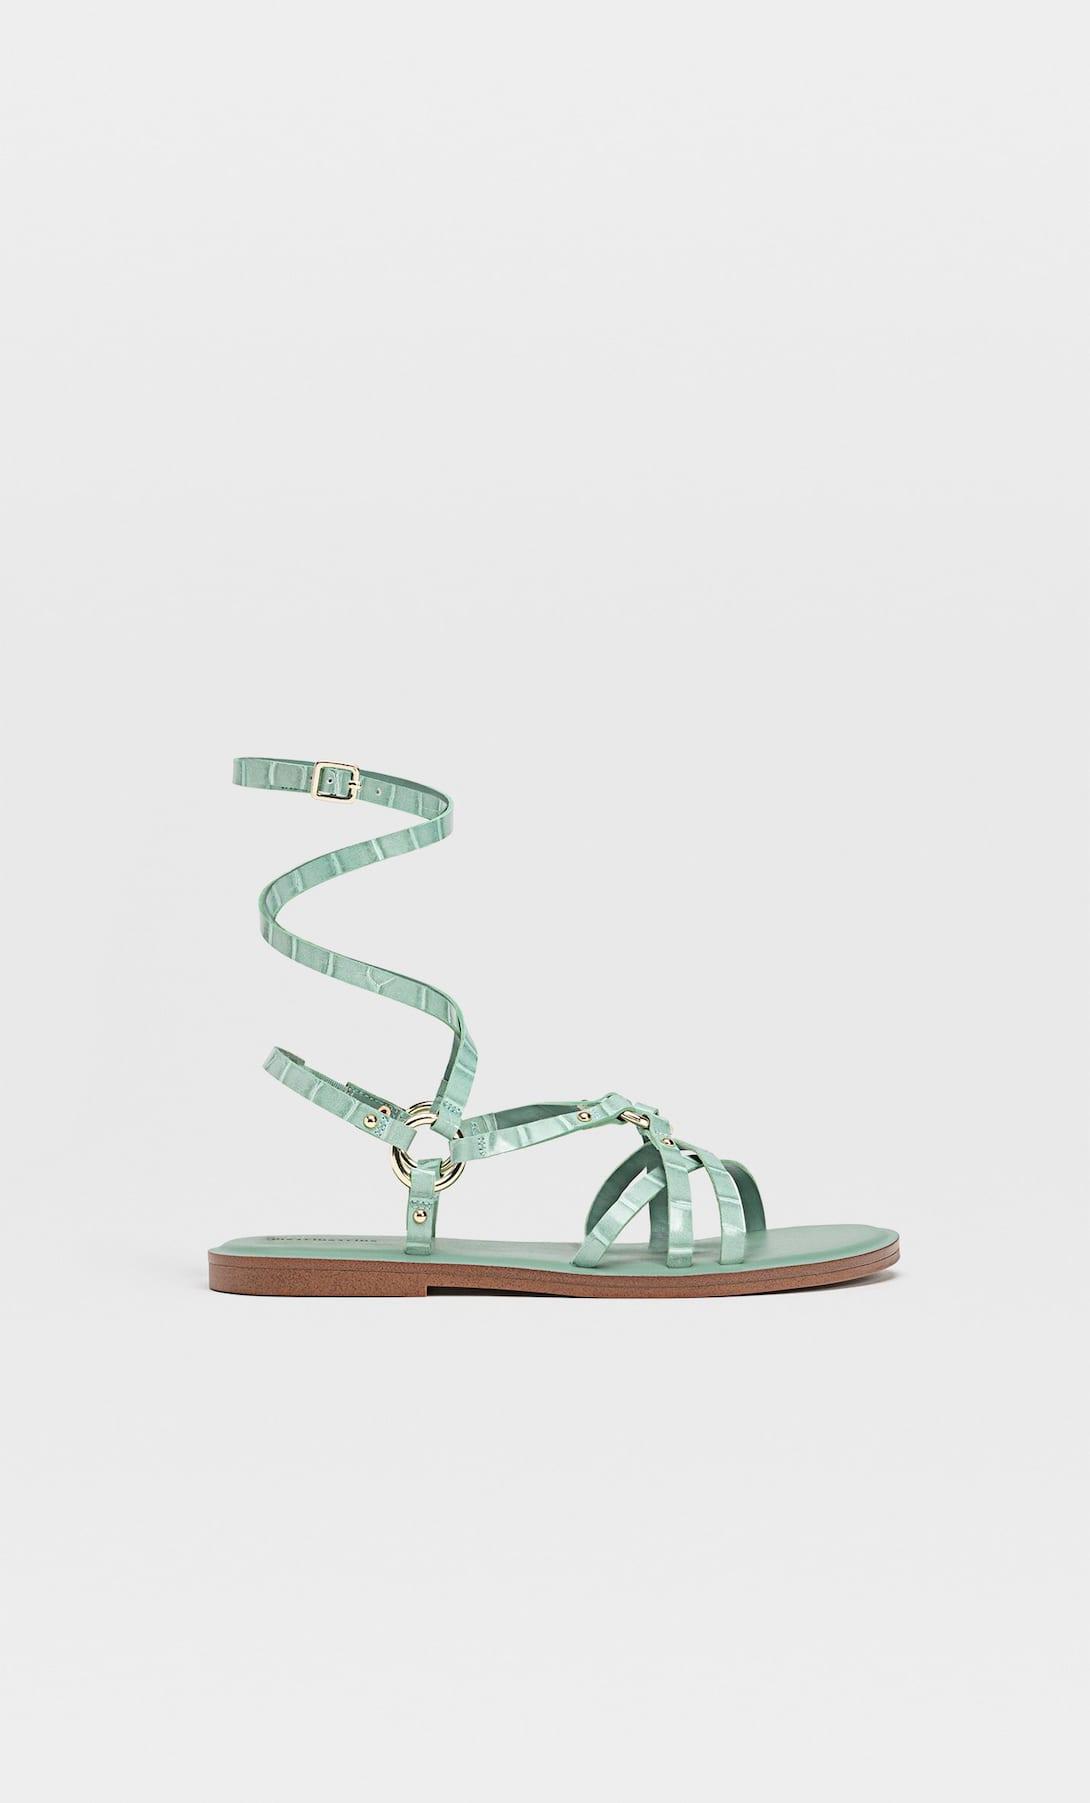 Estos son los mejores zapatos planos de Stradivarius con descuento diseñados todo tipo de looks